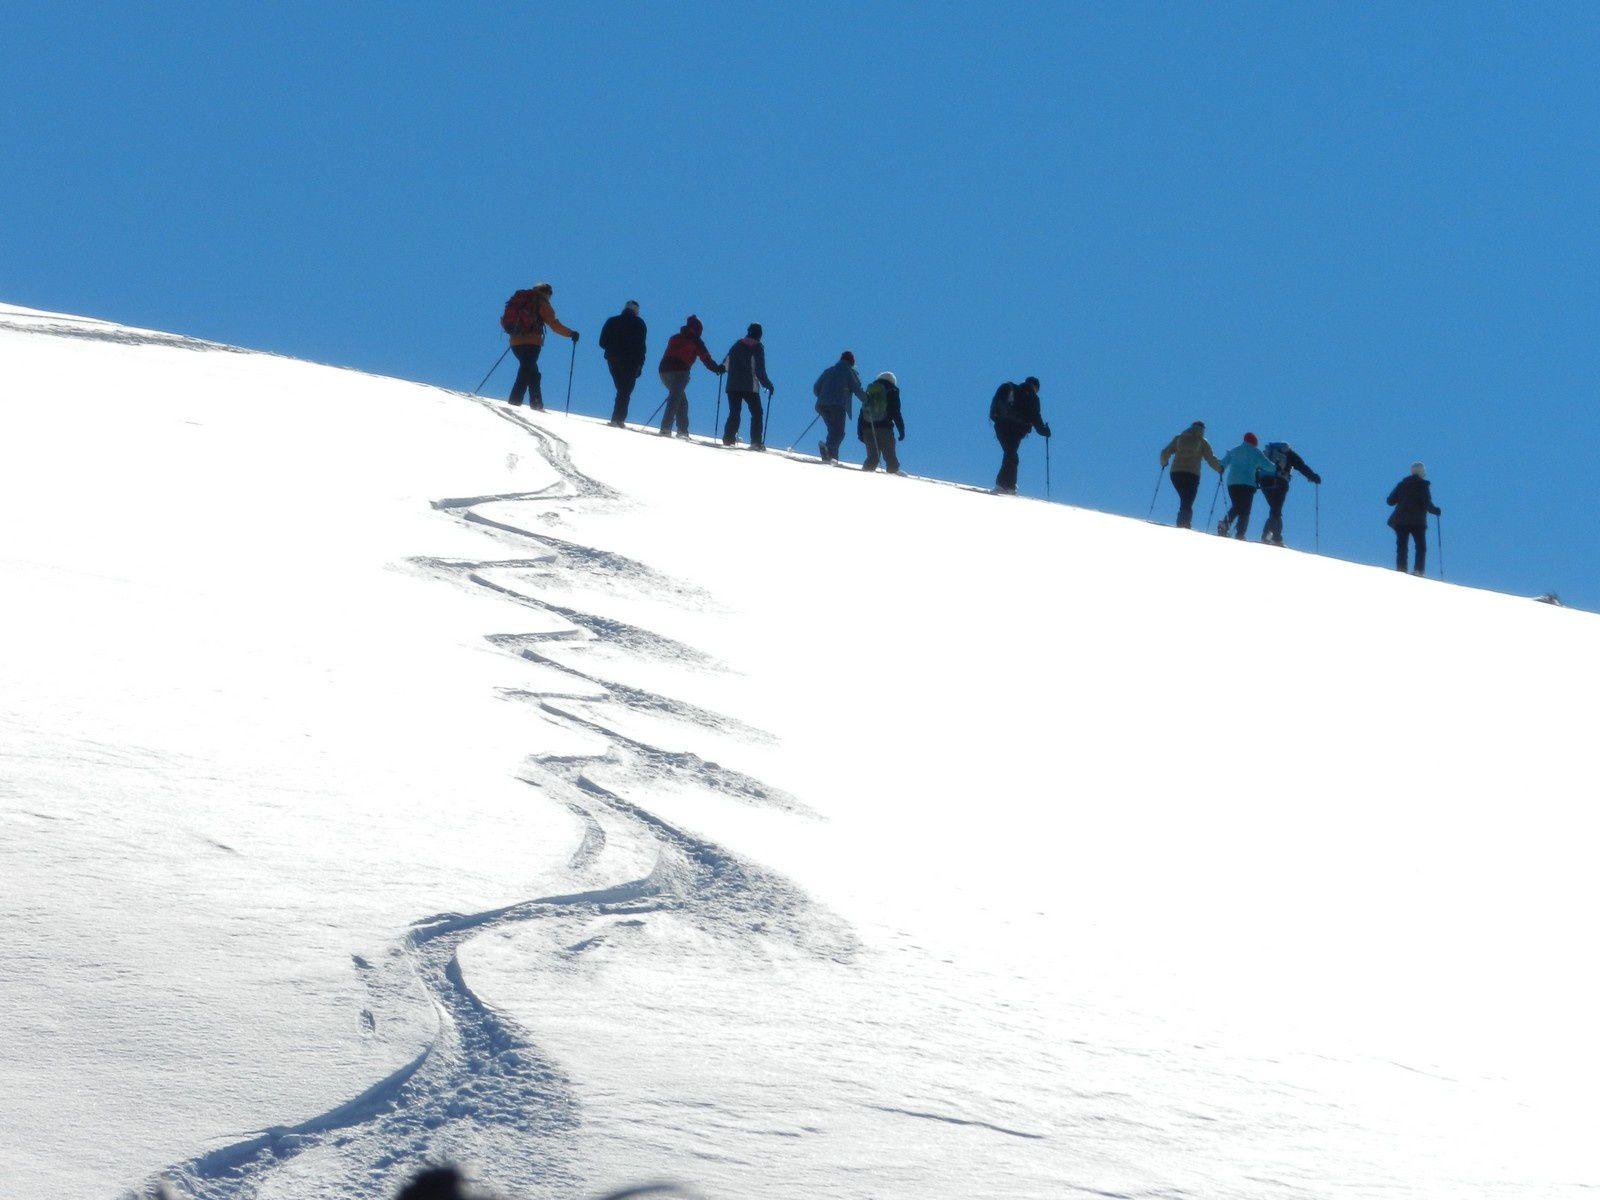 le groupe se scinde en deux et les plus jeunes vont à l'altiport, voir les skieurs arriver en avion sur la naige